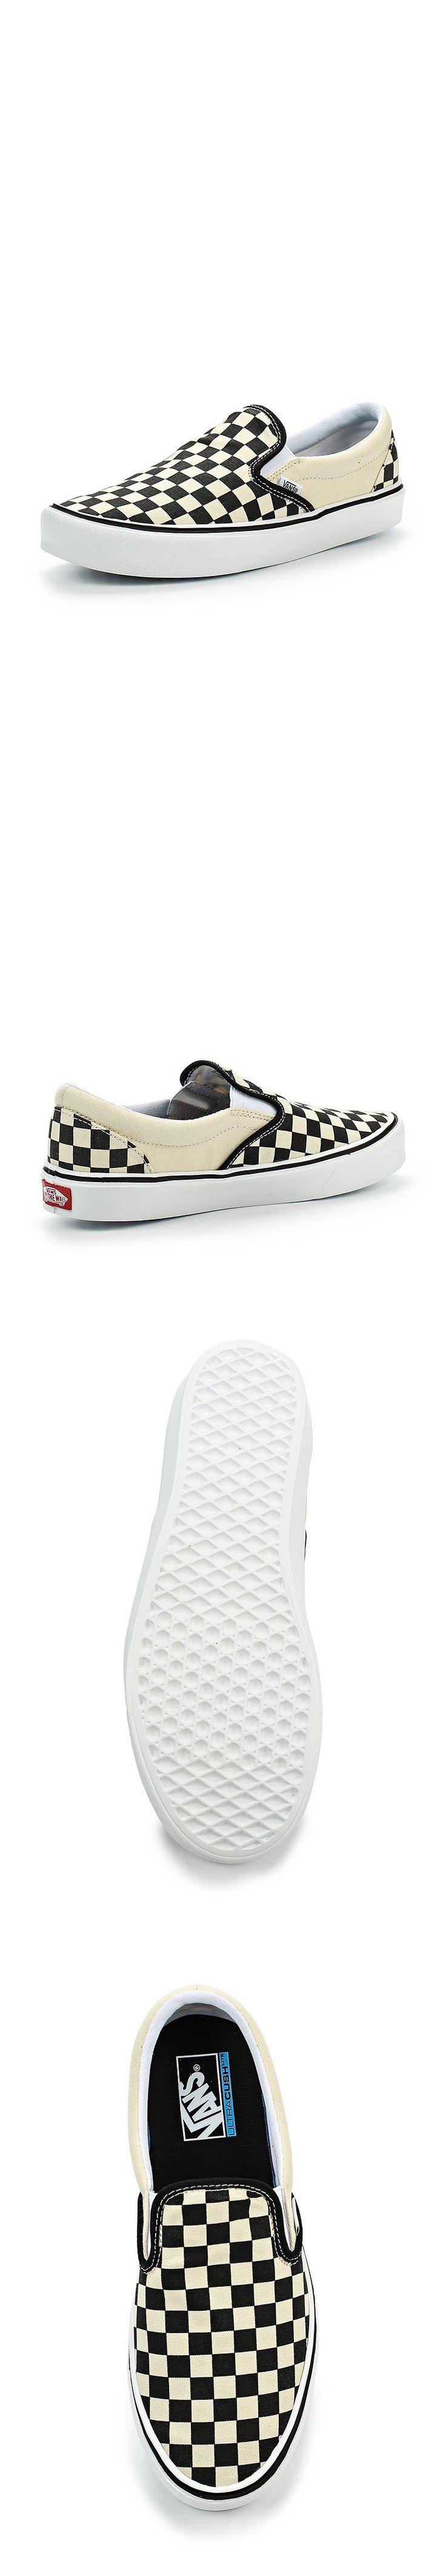 Мужская обувь слипоны Vans за 5299.00 руб.